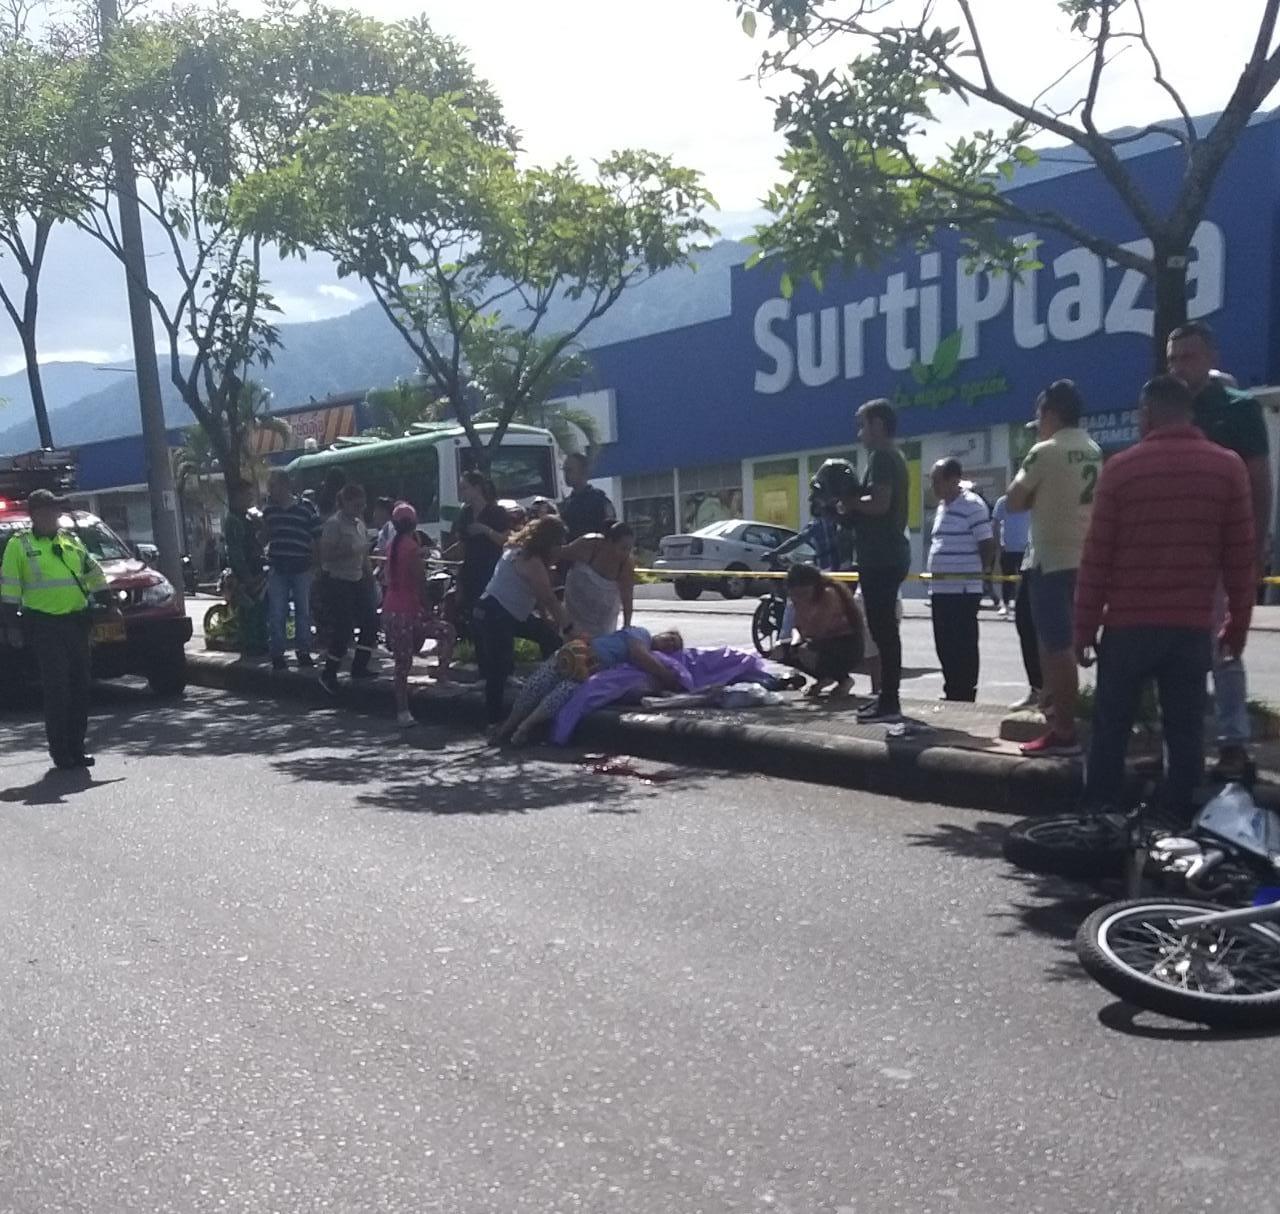 Una distracción habría generado el choque contra el separador en accidente mortal de motociclista